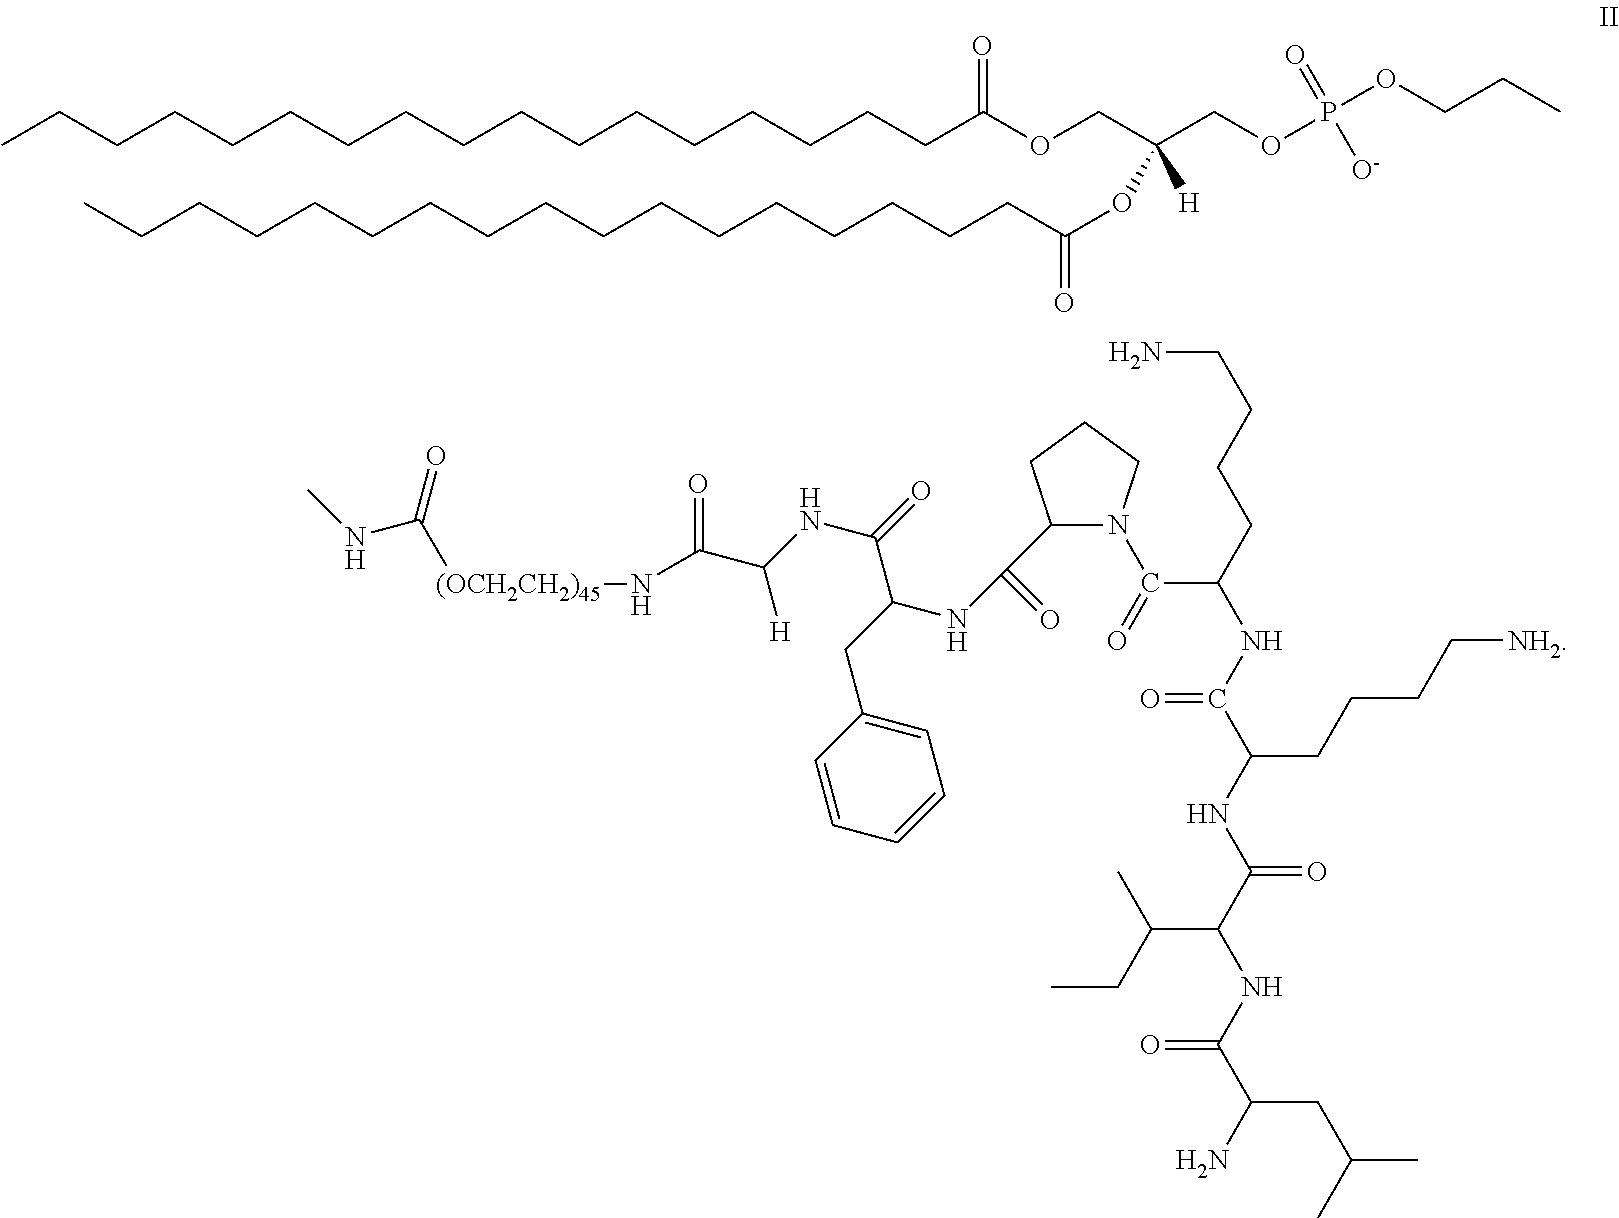 Figure US09901616-20180227-C00002